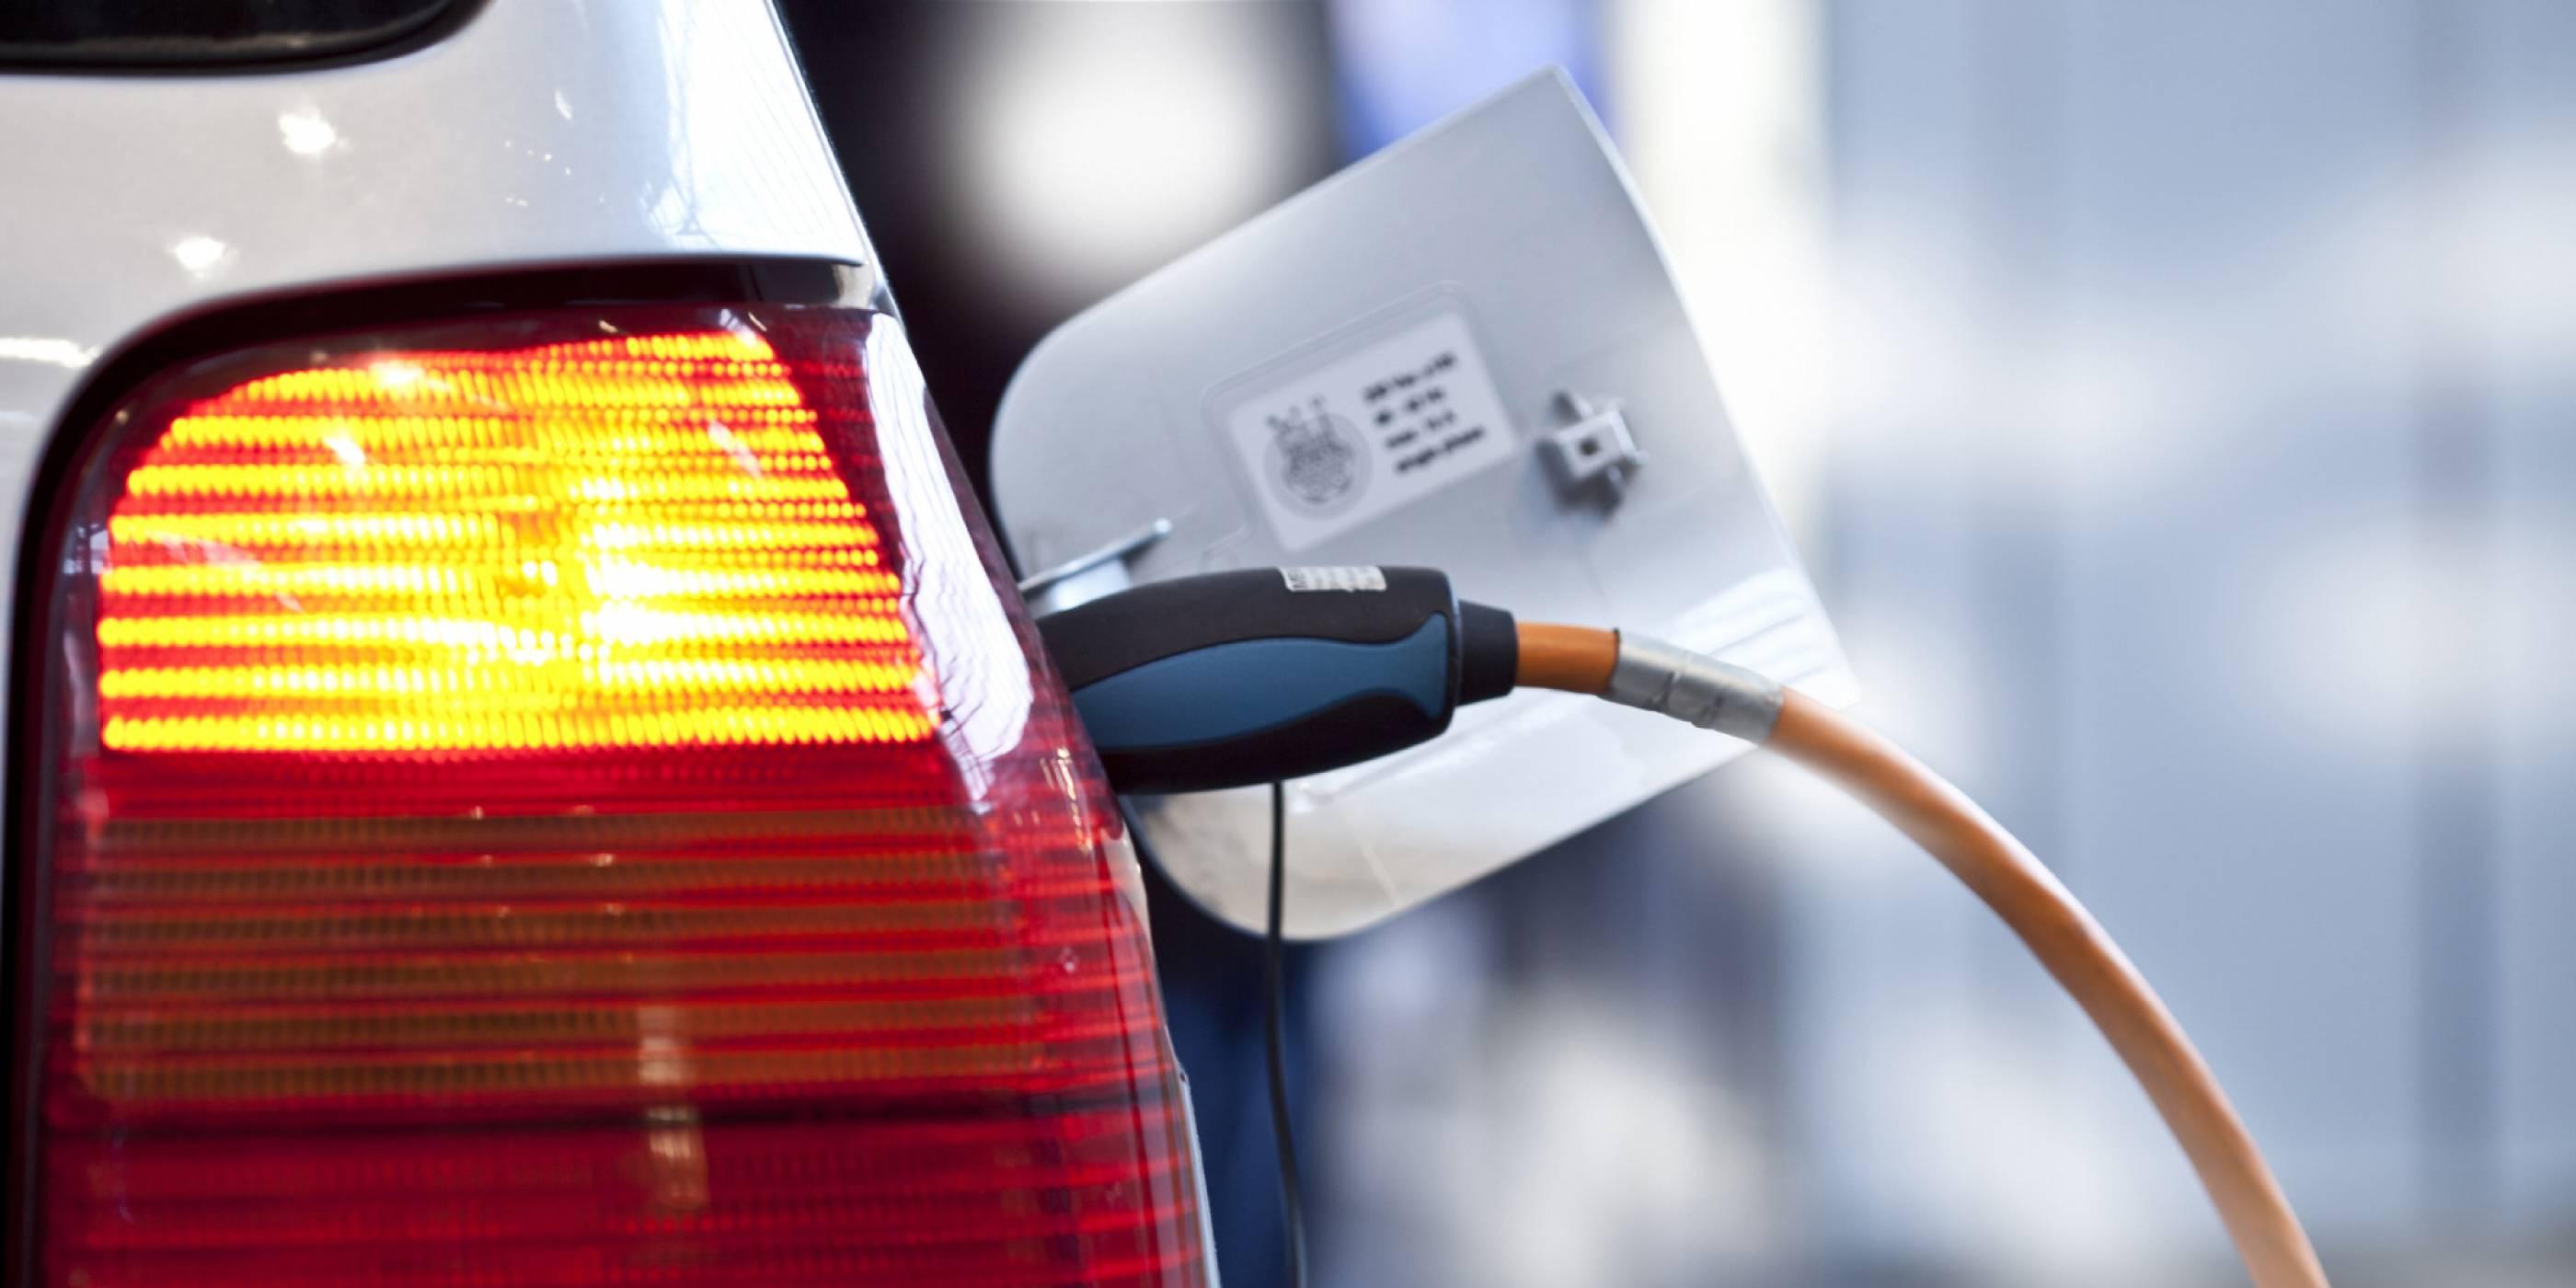 Откриха нова технология, която би могла да зарежда електрически коли в движение